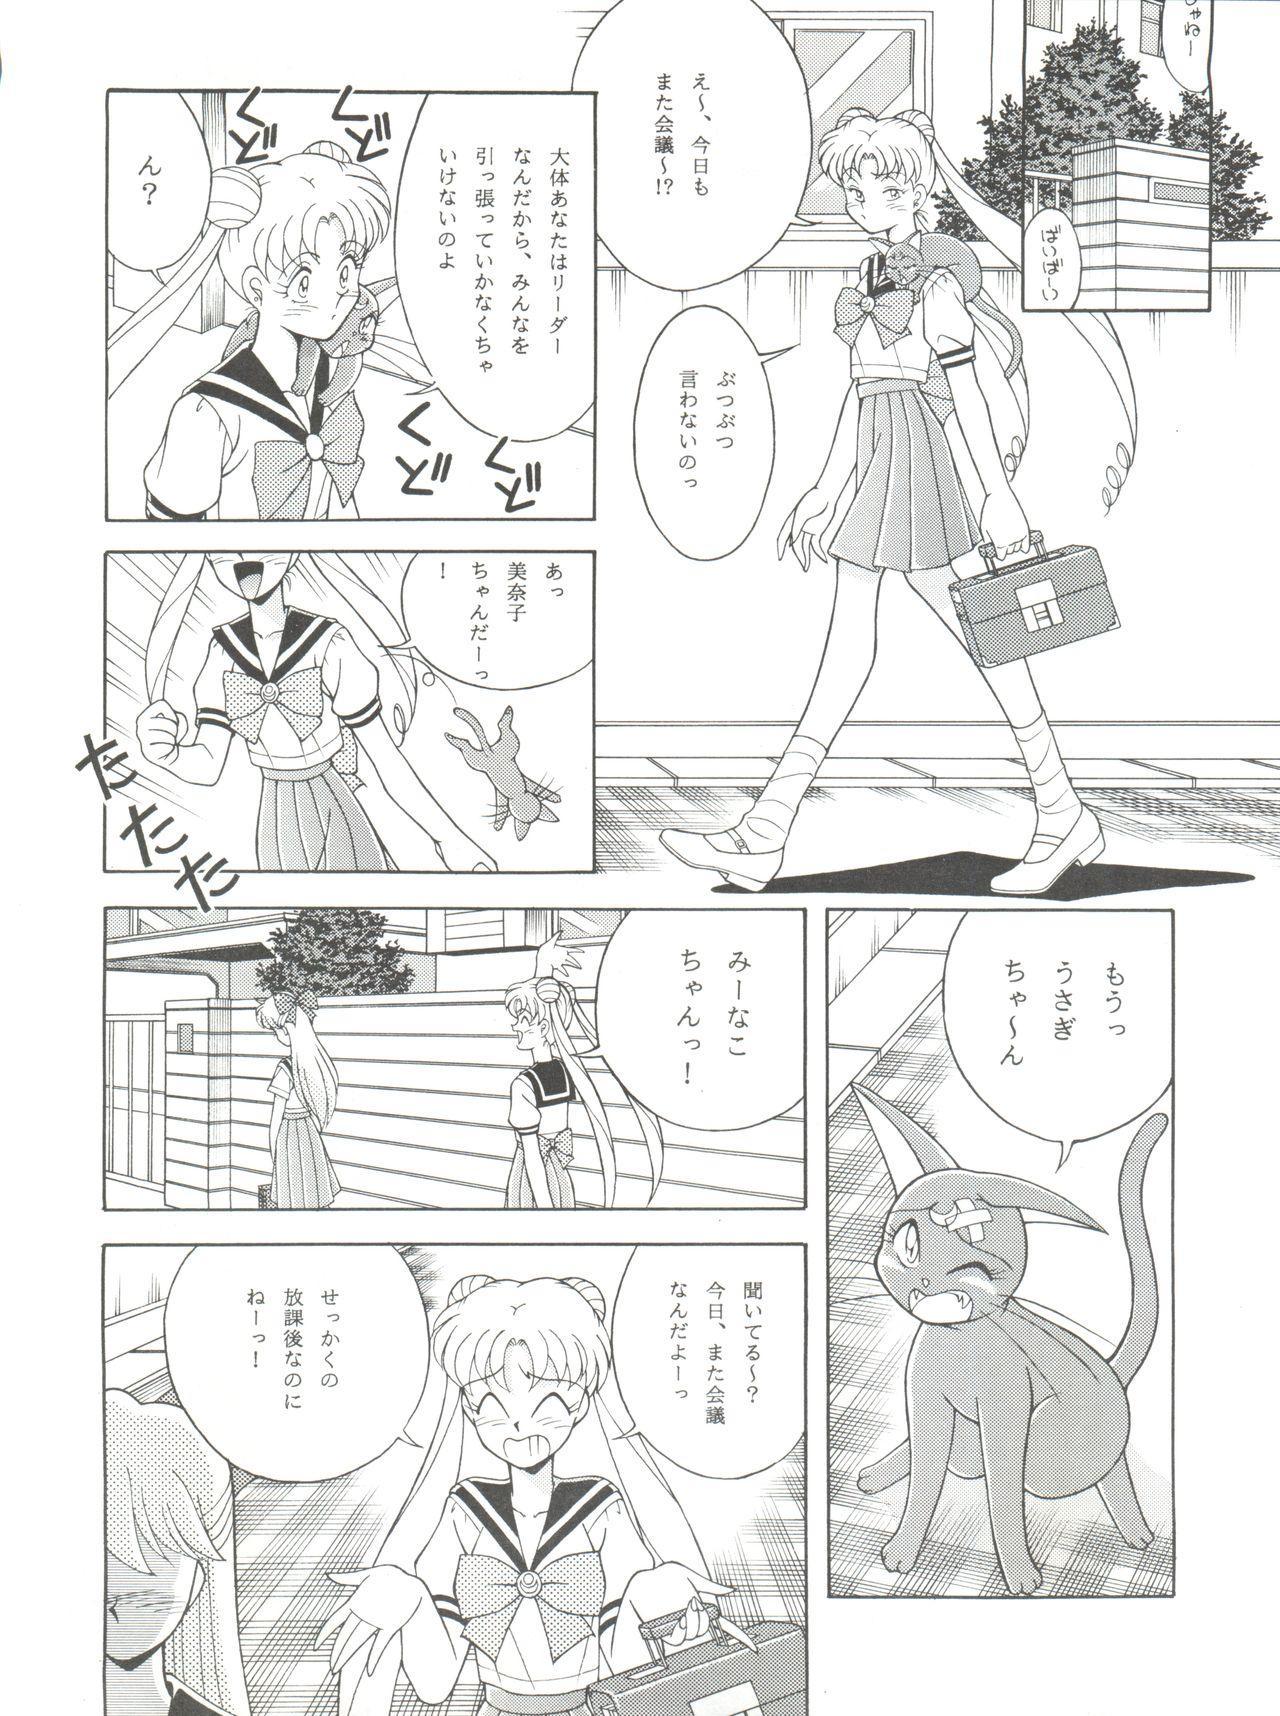 NANIWA-YA FINAL DRESS UP! 70